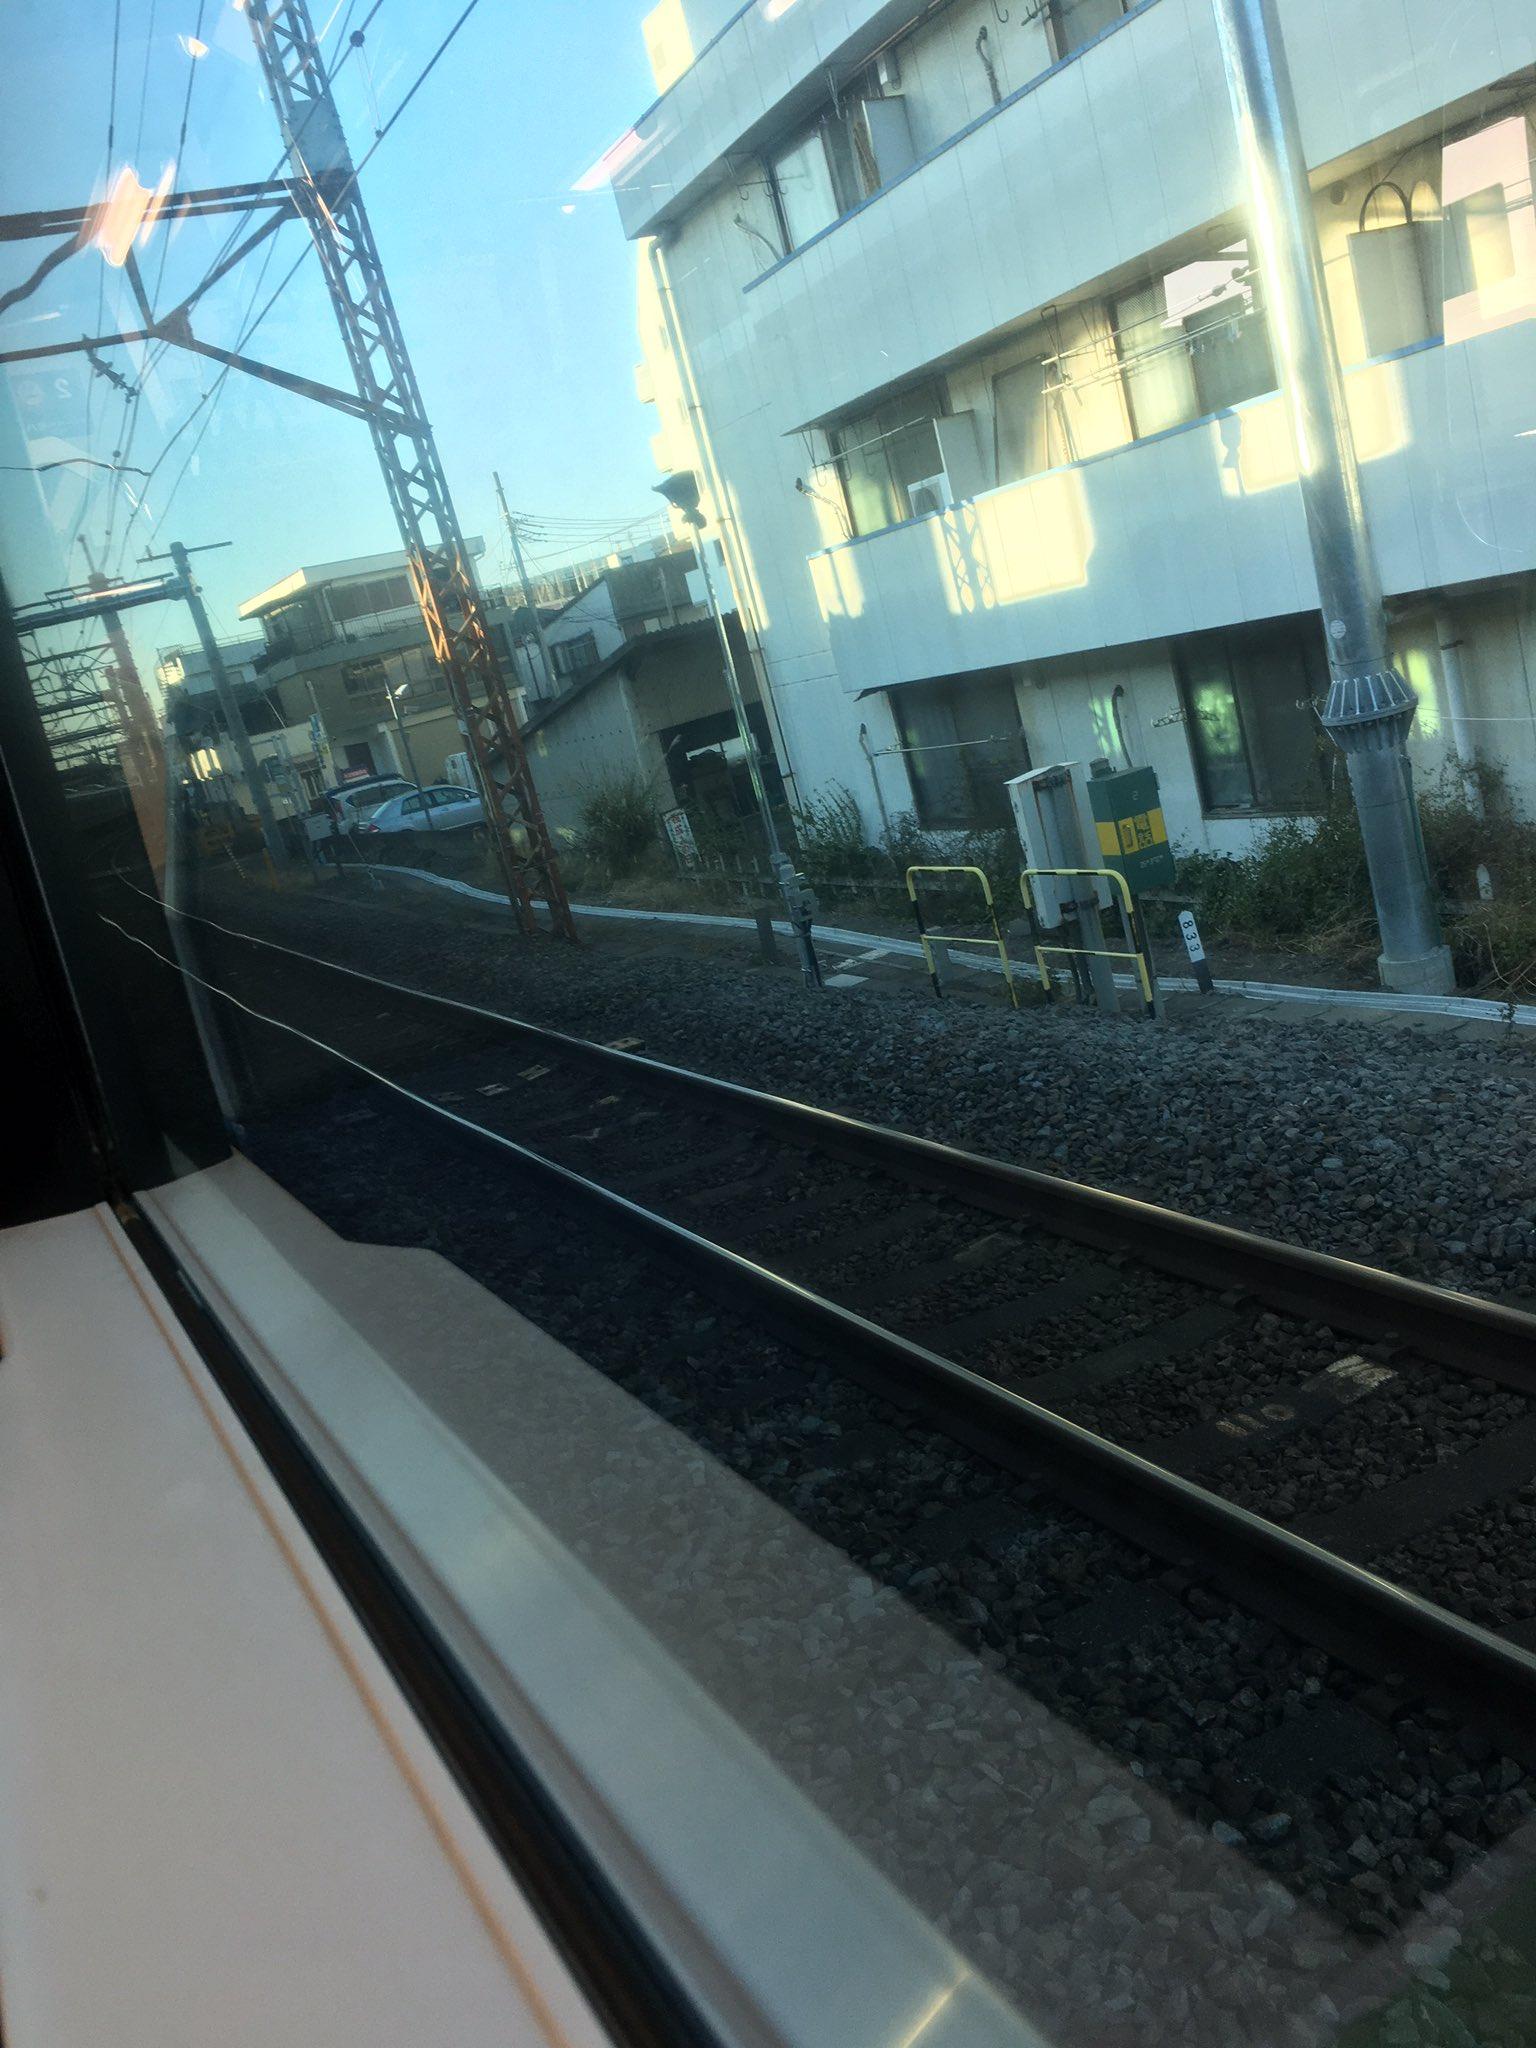 高崎線の熊谷駅~籠原駅間で人身事故が起きた現場画像